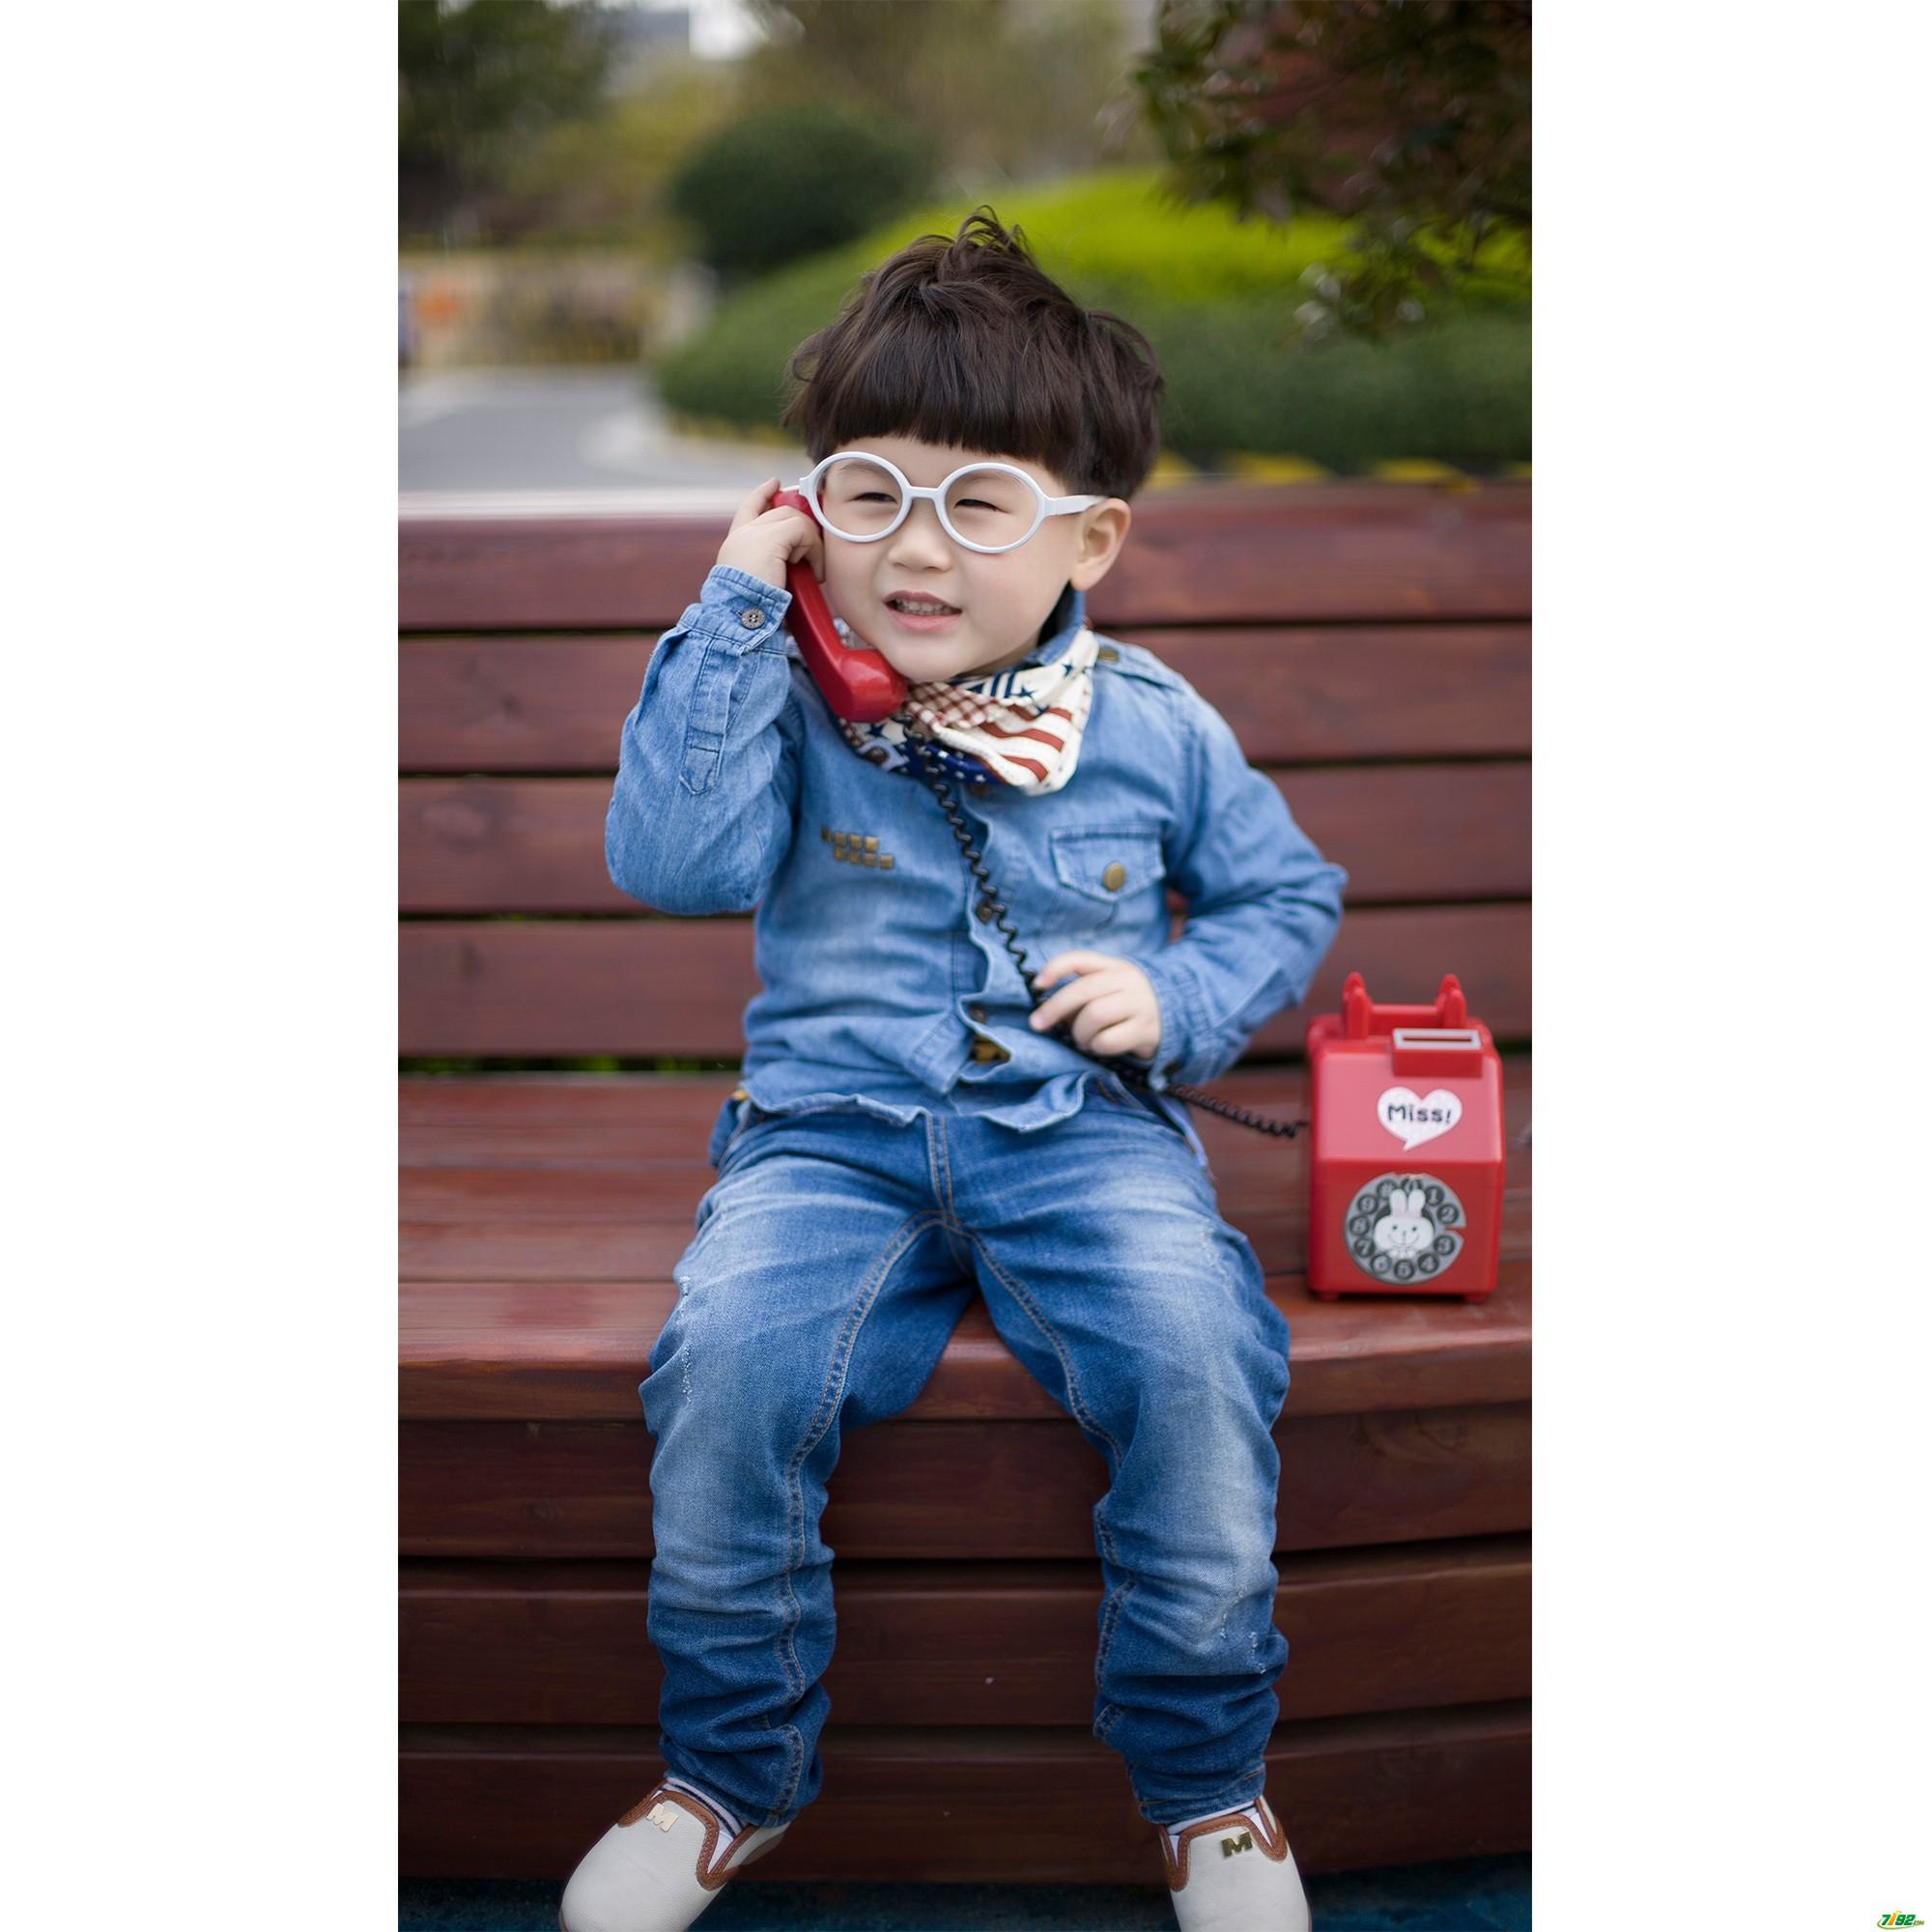 儿童外景原片 第6张 摄影师徐先生 儿童摄影儿童外景原片